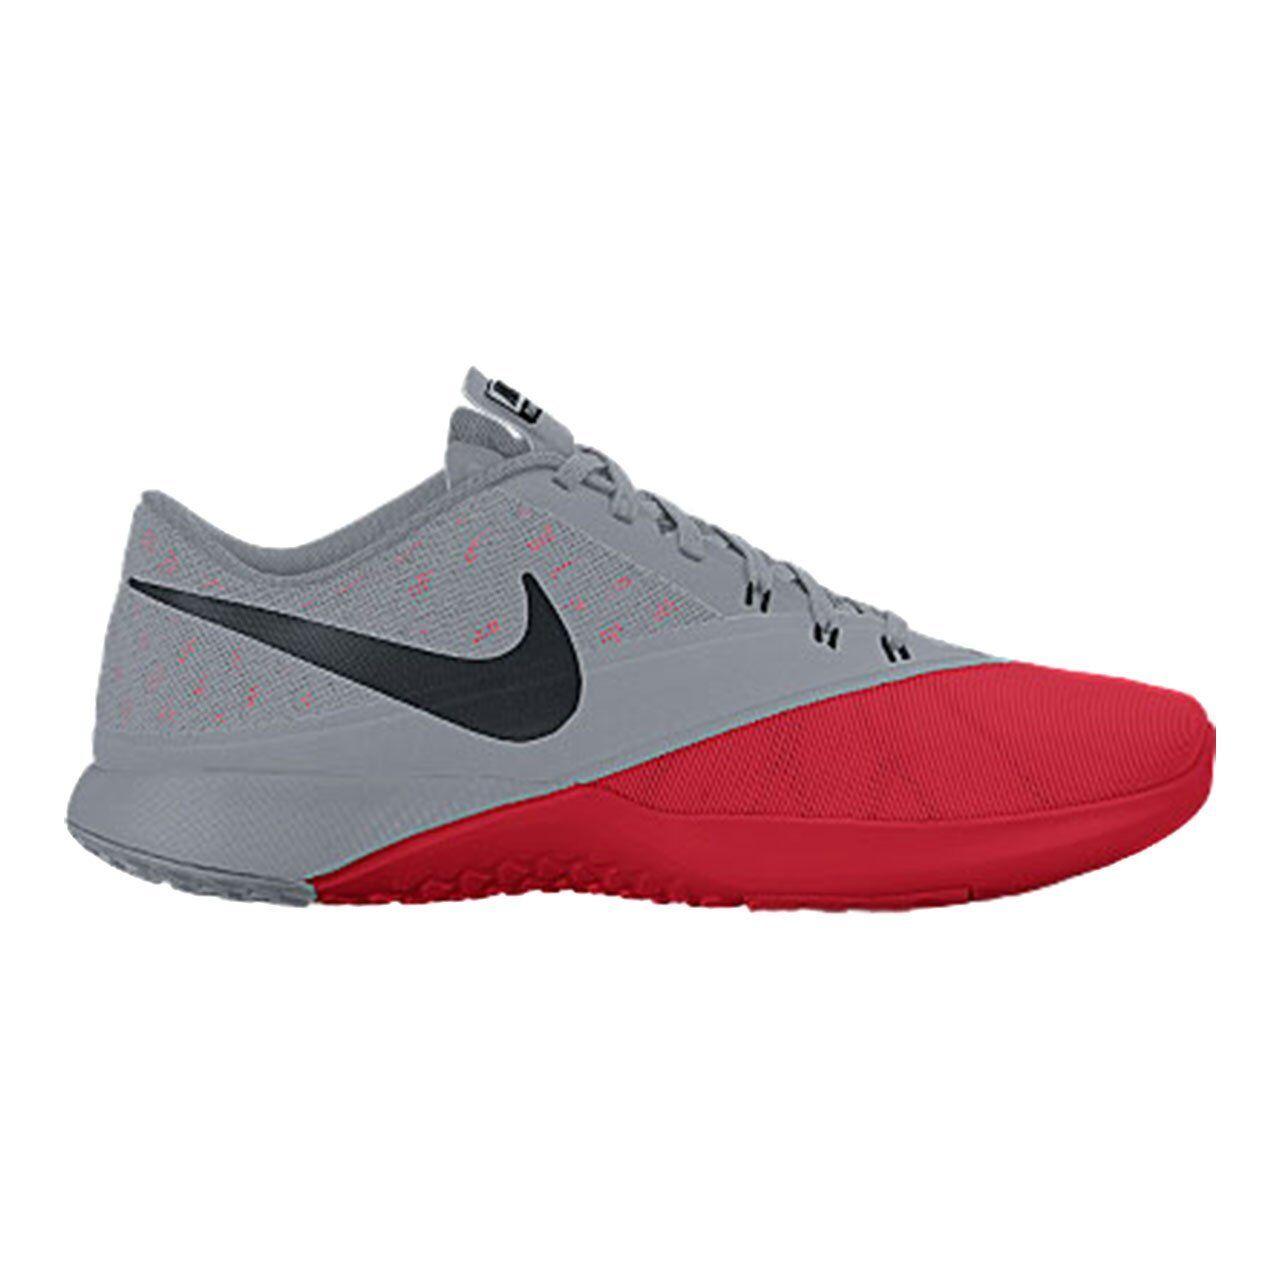 Nike uomini fs lite trainer 4 università rosso / nero stealth 12 d (m) us